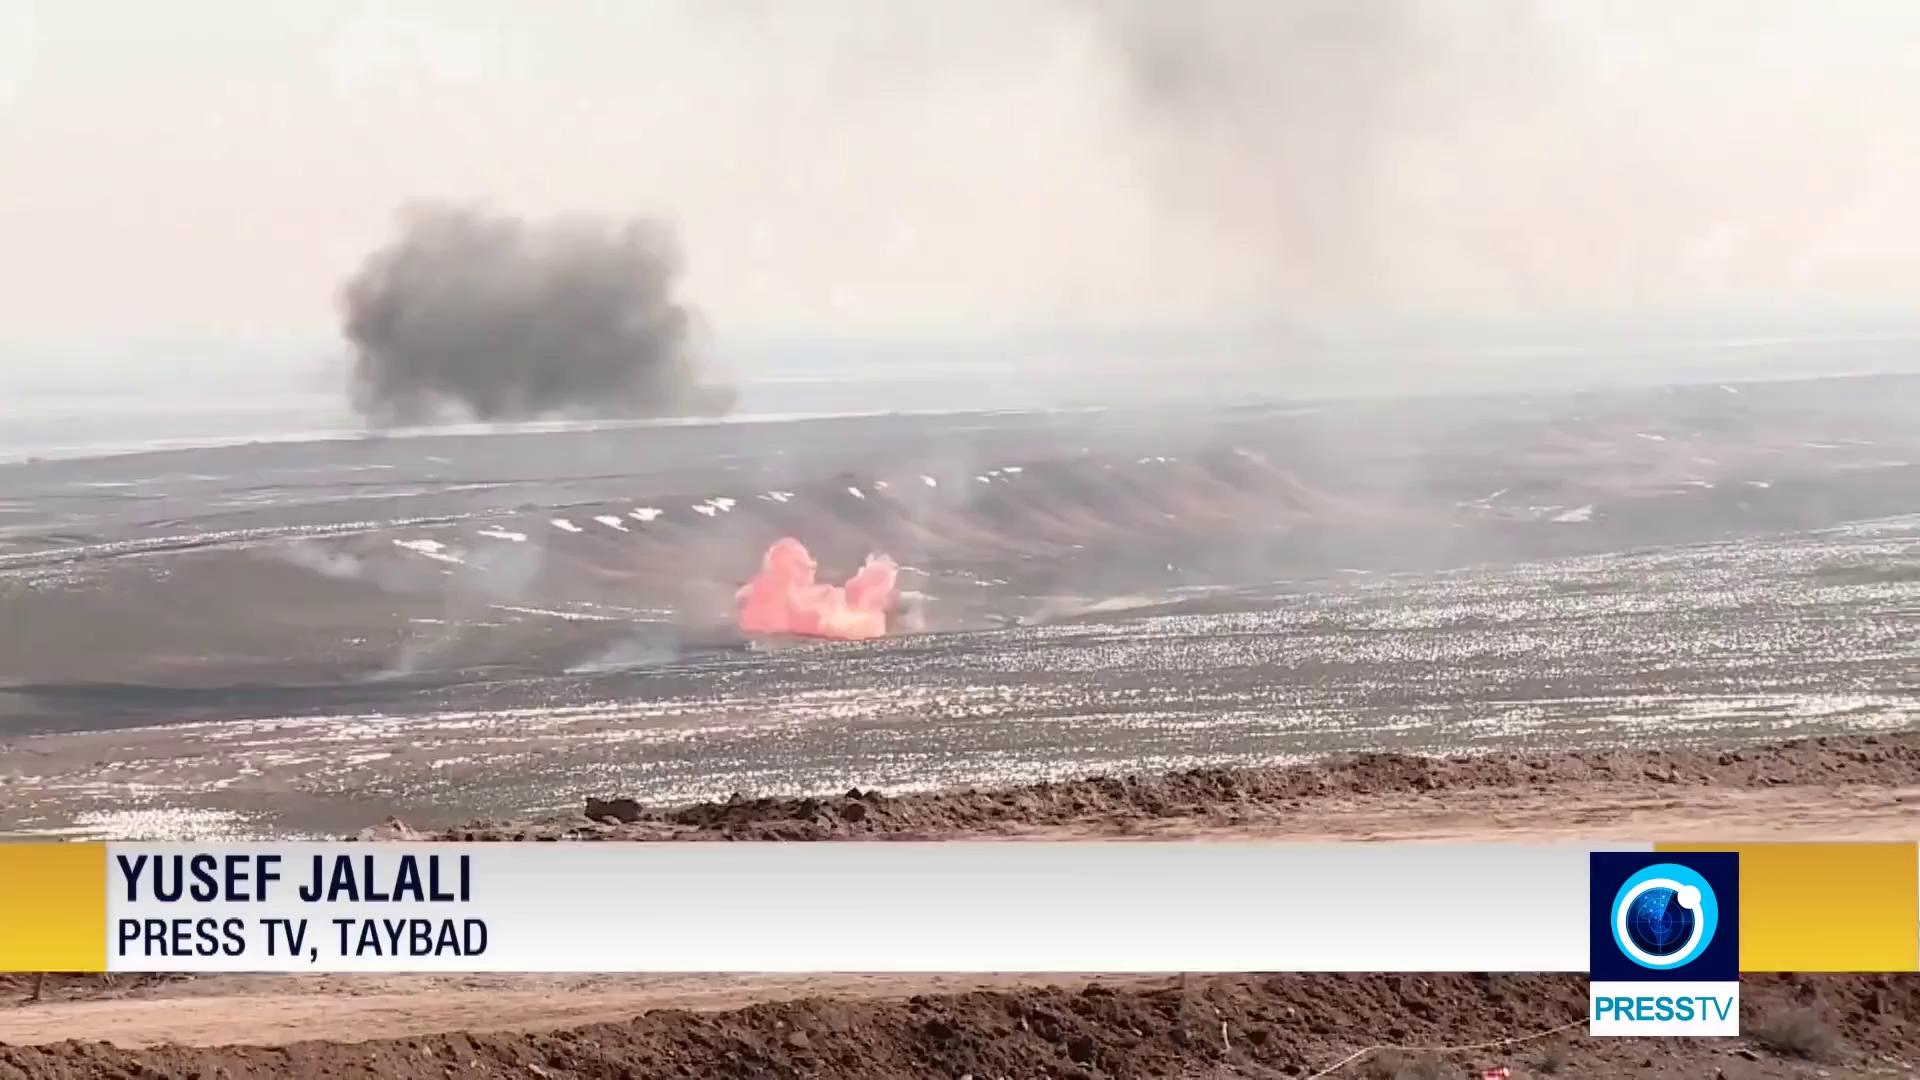 [VIDEO] Một cuộc tập trận của Vệ binh cách mạng Hồi giáo Iran (IRGC)